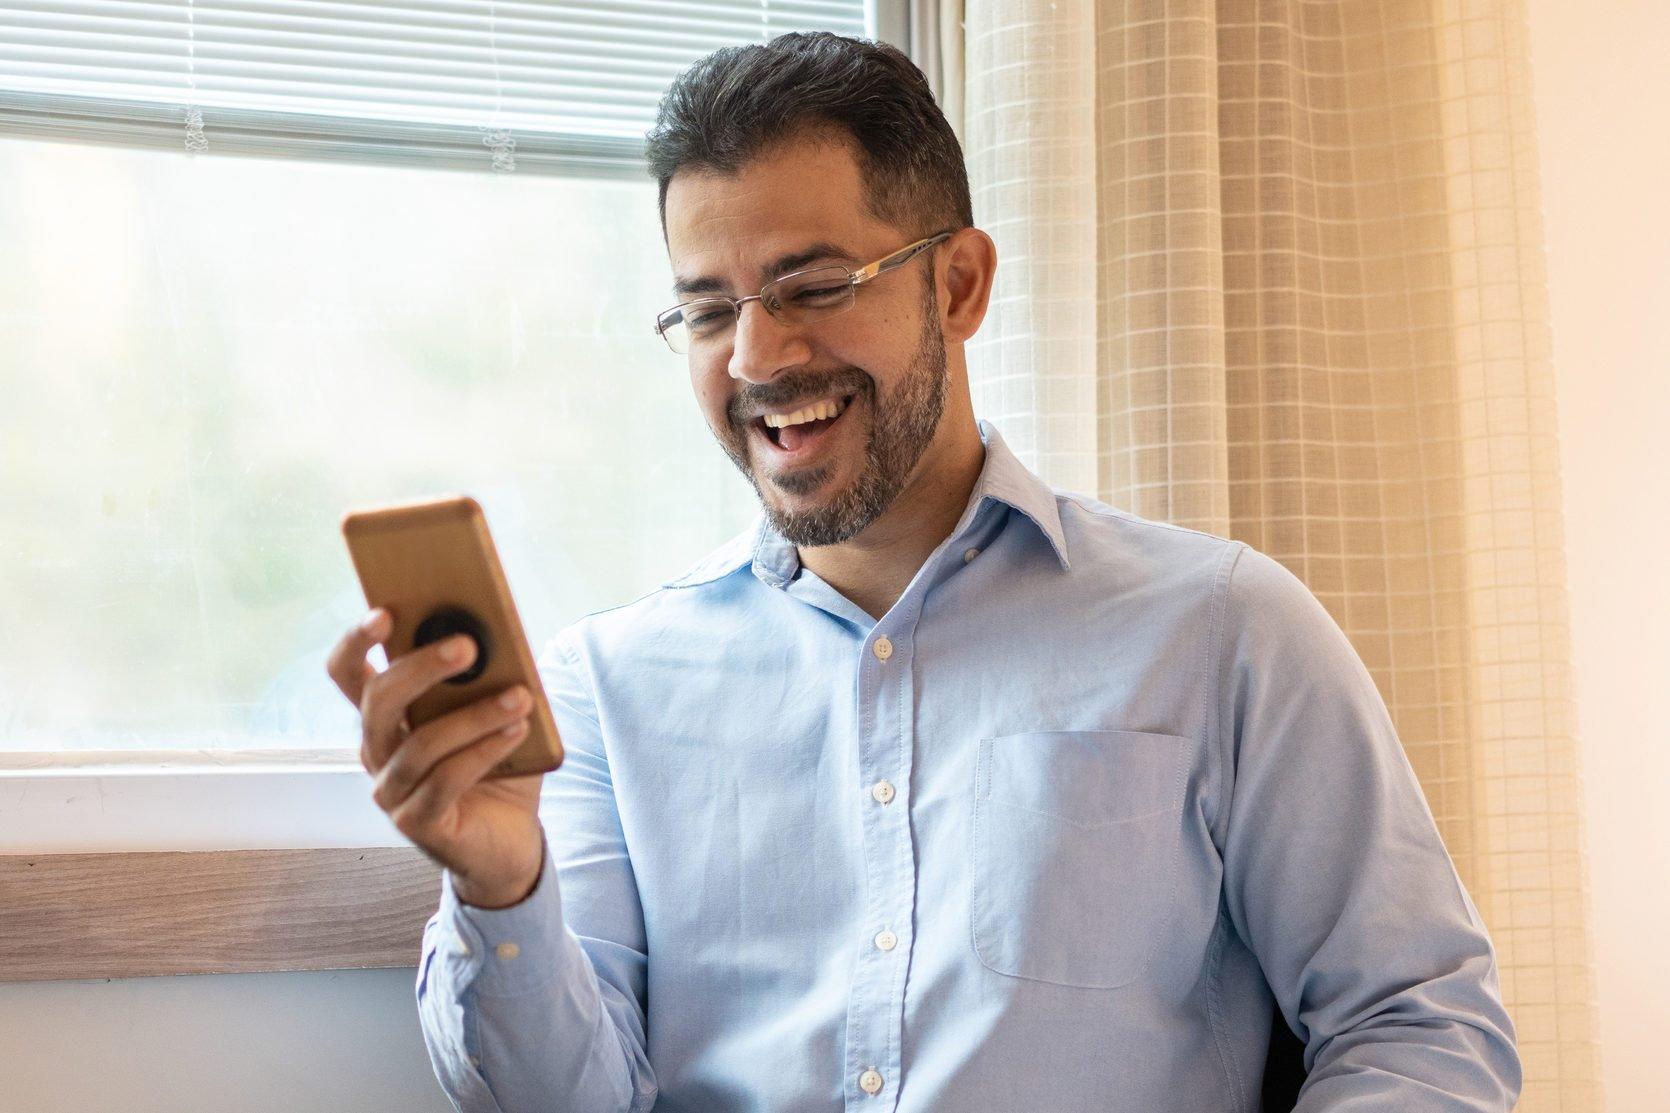 Portrait of confident businessman using smart phone